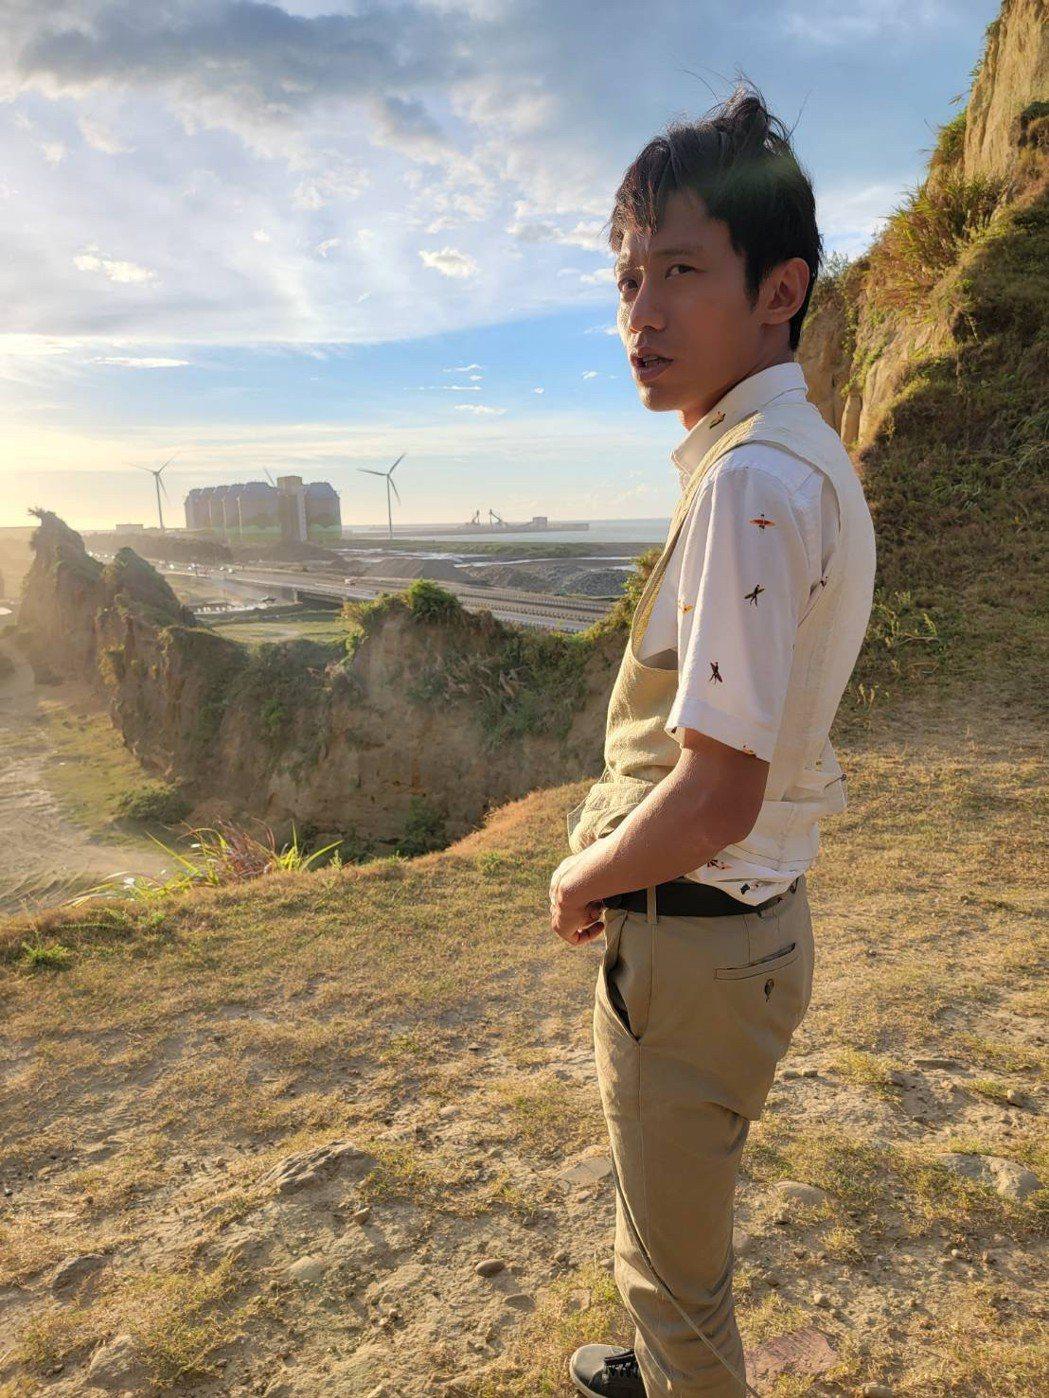 張哲豪拍「黃金歲月」墜崖戲,趁空還拍了一下夕陽美景。圖/民視提供